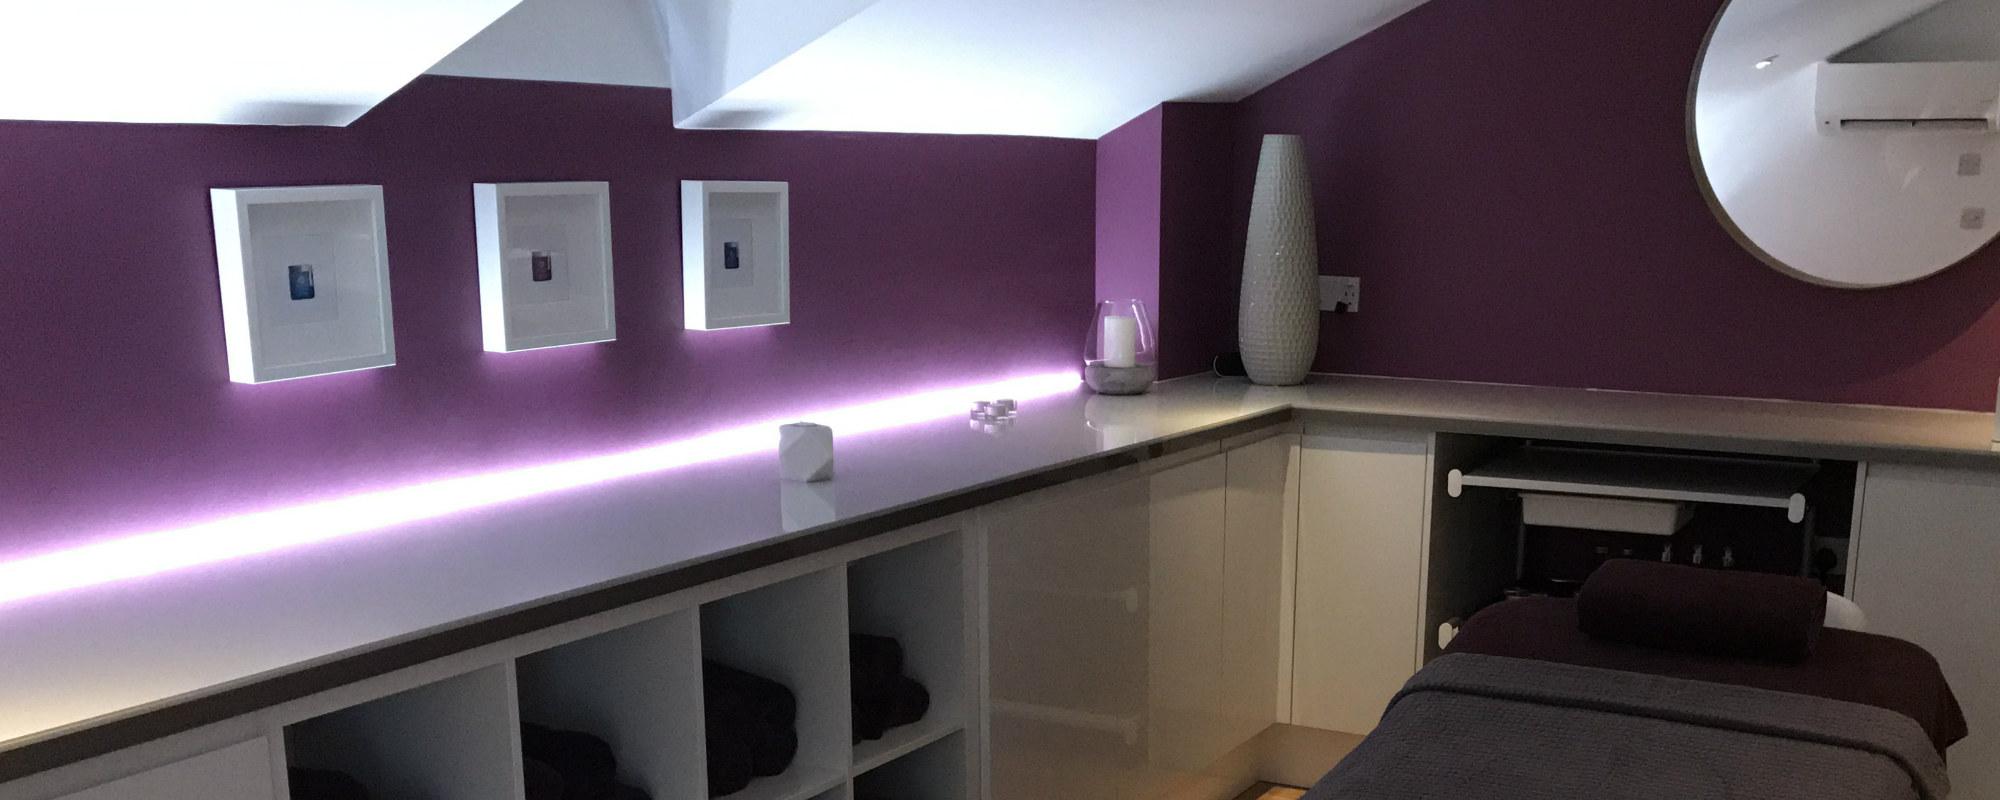 Crantock Bay Spa room 3 - Crantock Bay Spa